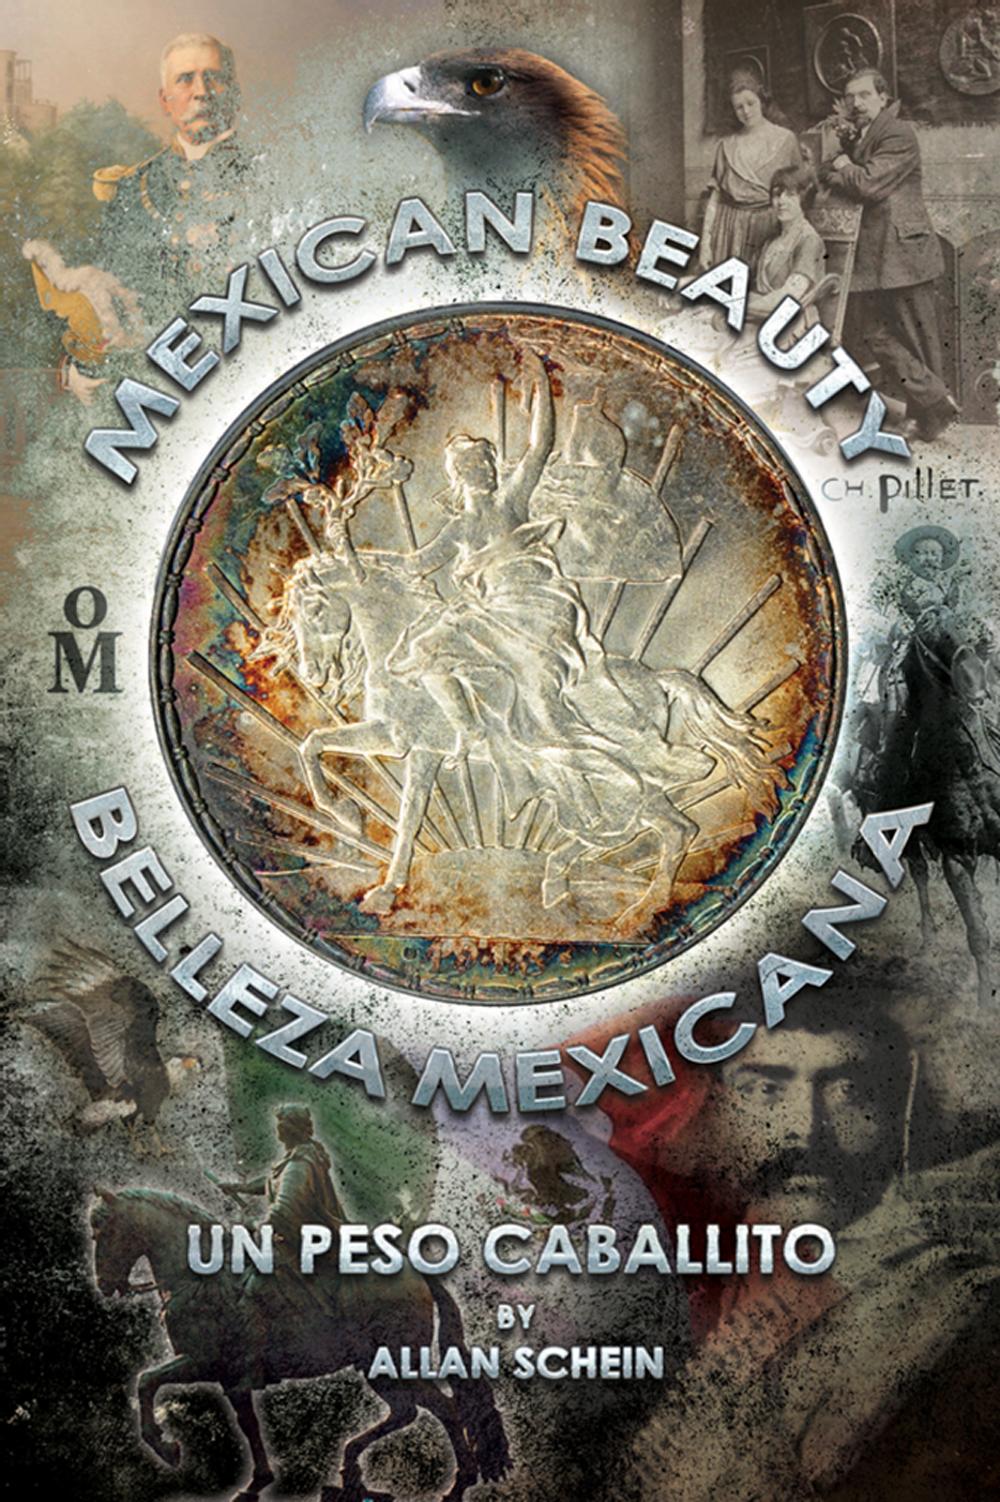 Mexican Beauty - Belleza Mexicana Un Peso Caballito Mexican Beauty - Belleza Mexicana Un Peso Caballito,